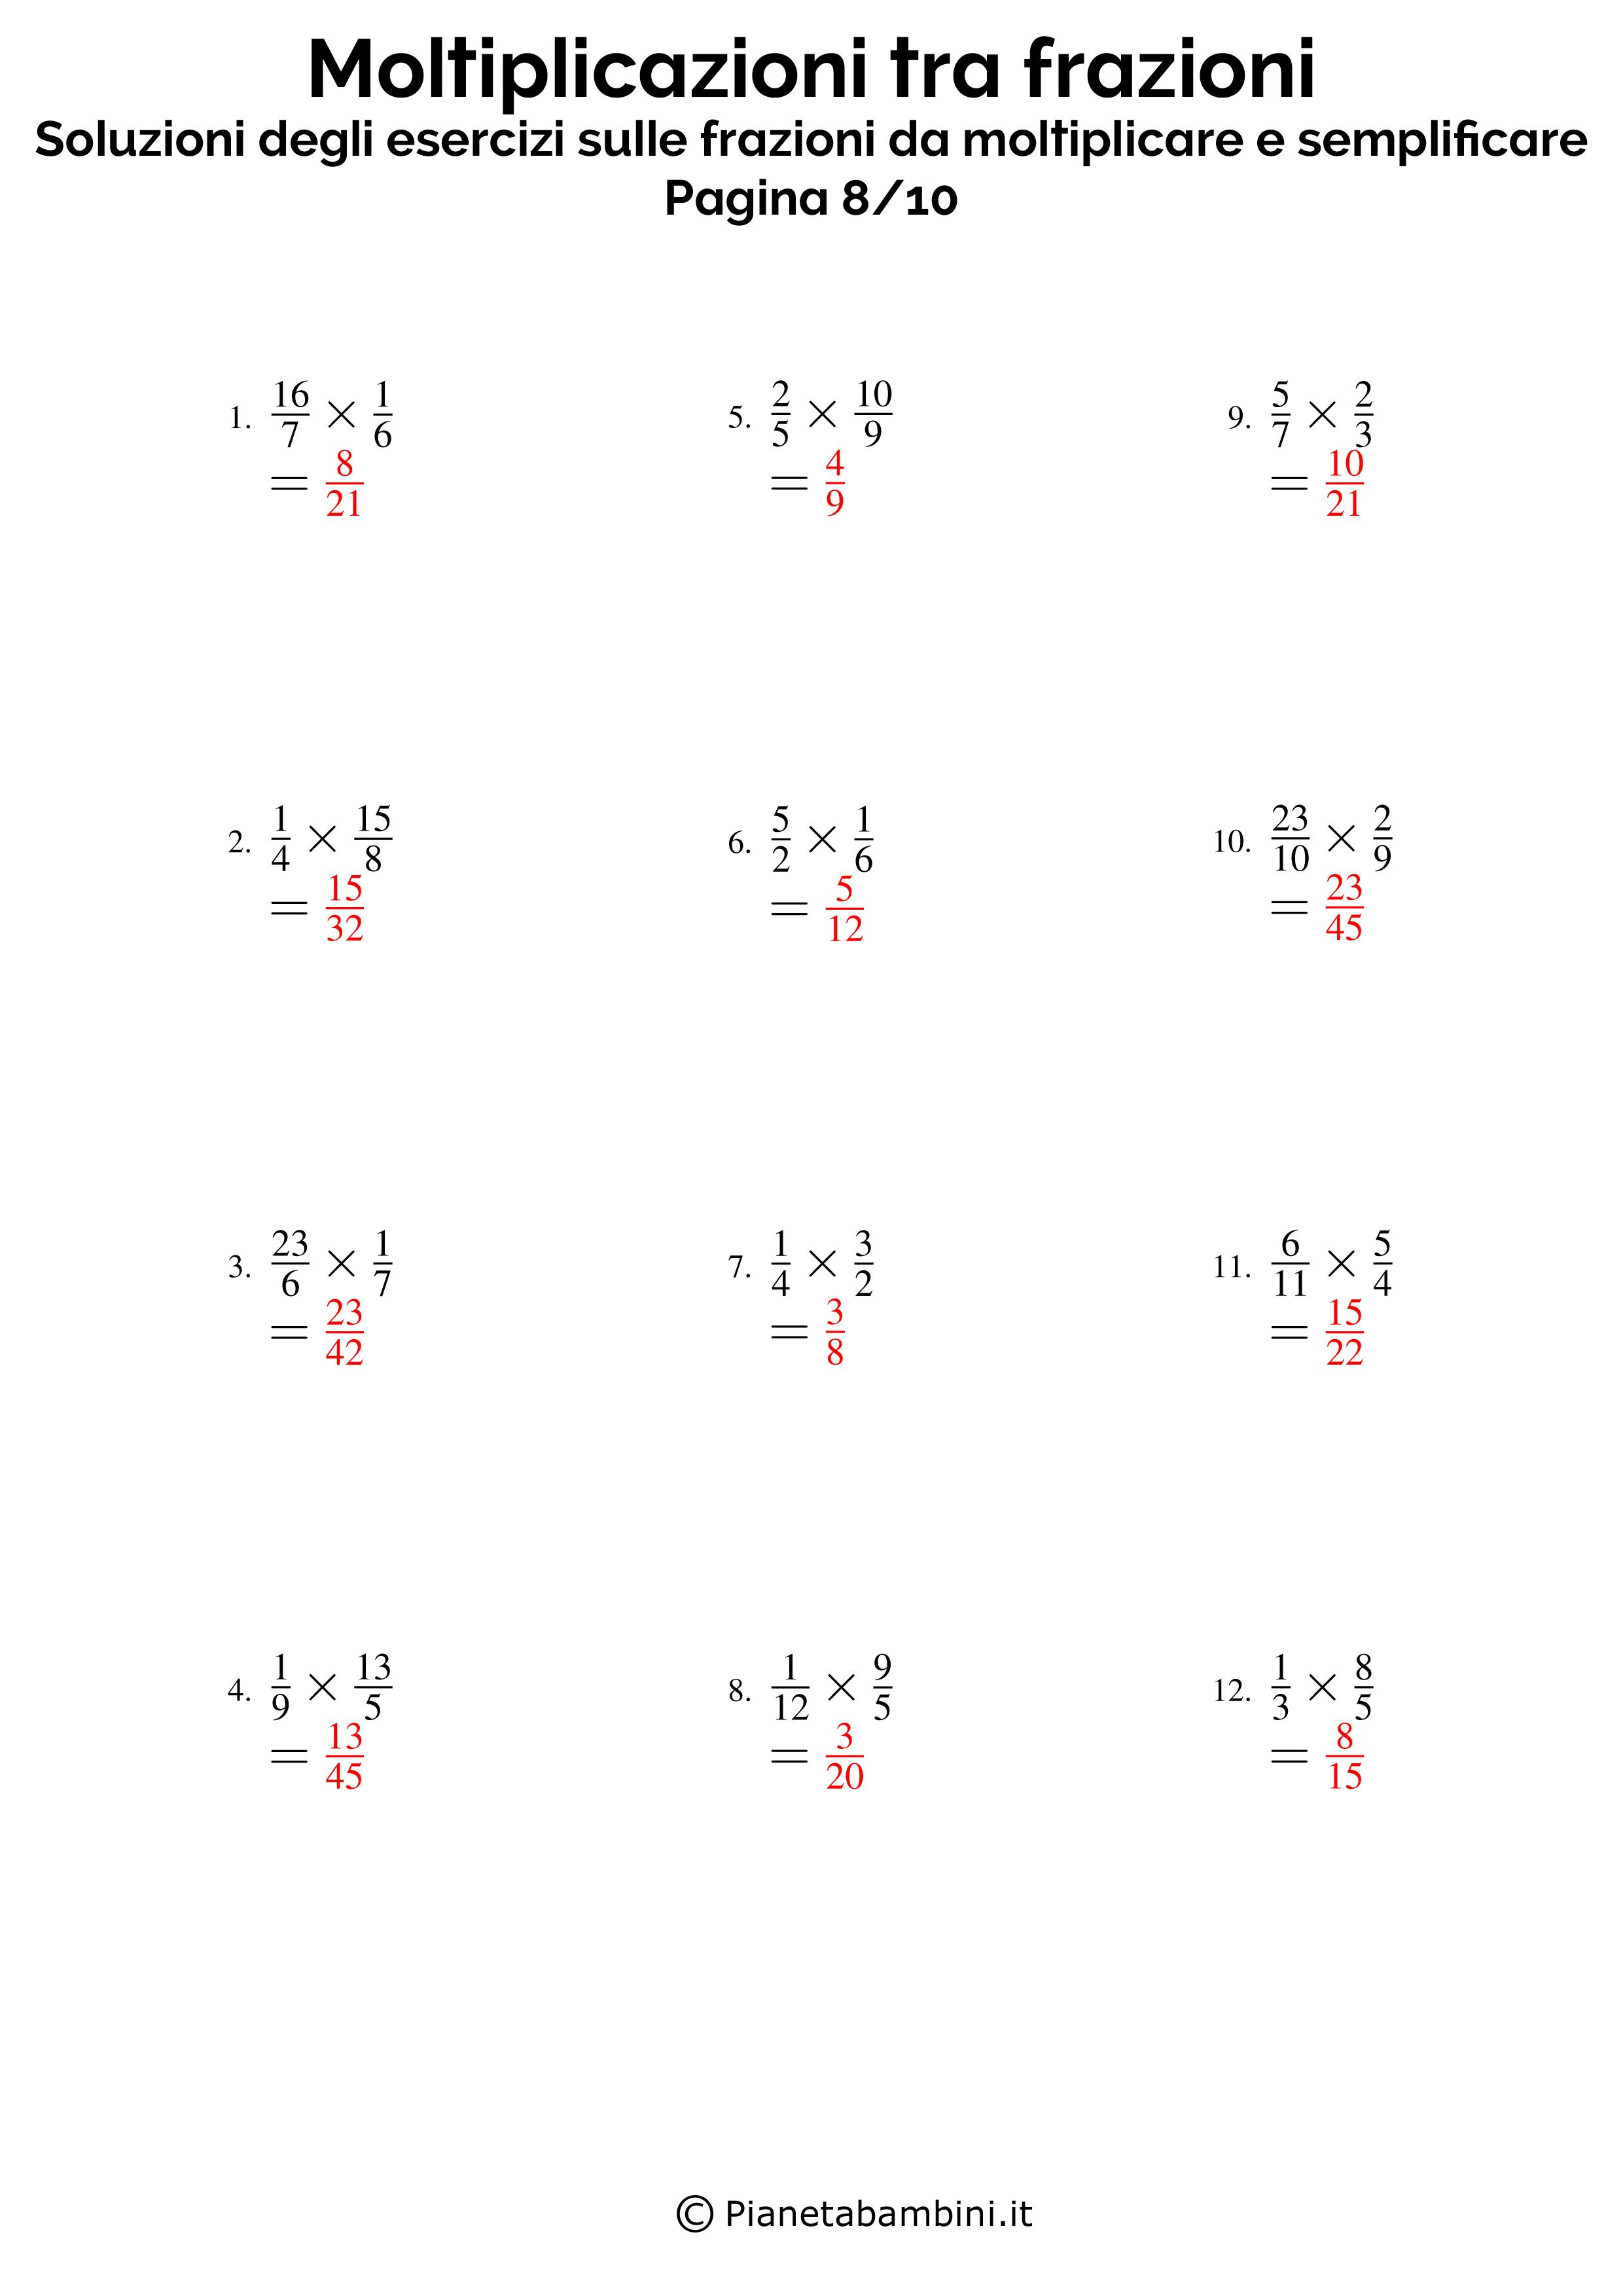 Soluzioni-Frazioni-Moltiplicare-Semplificare_08